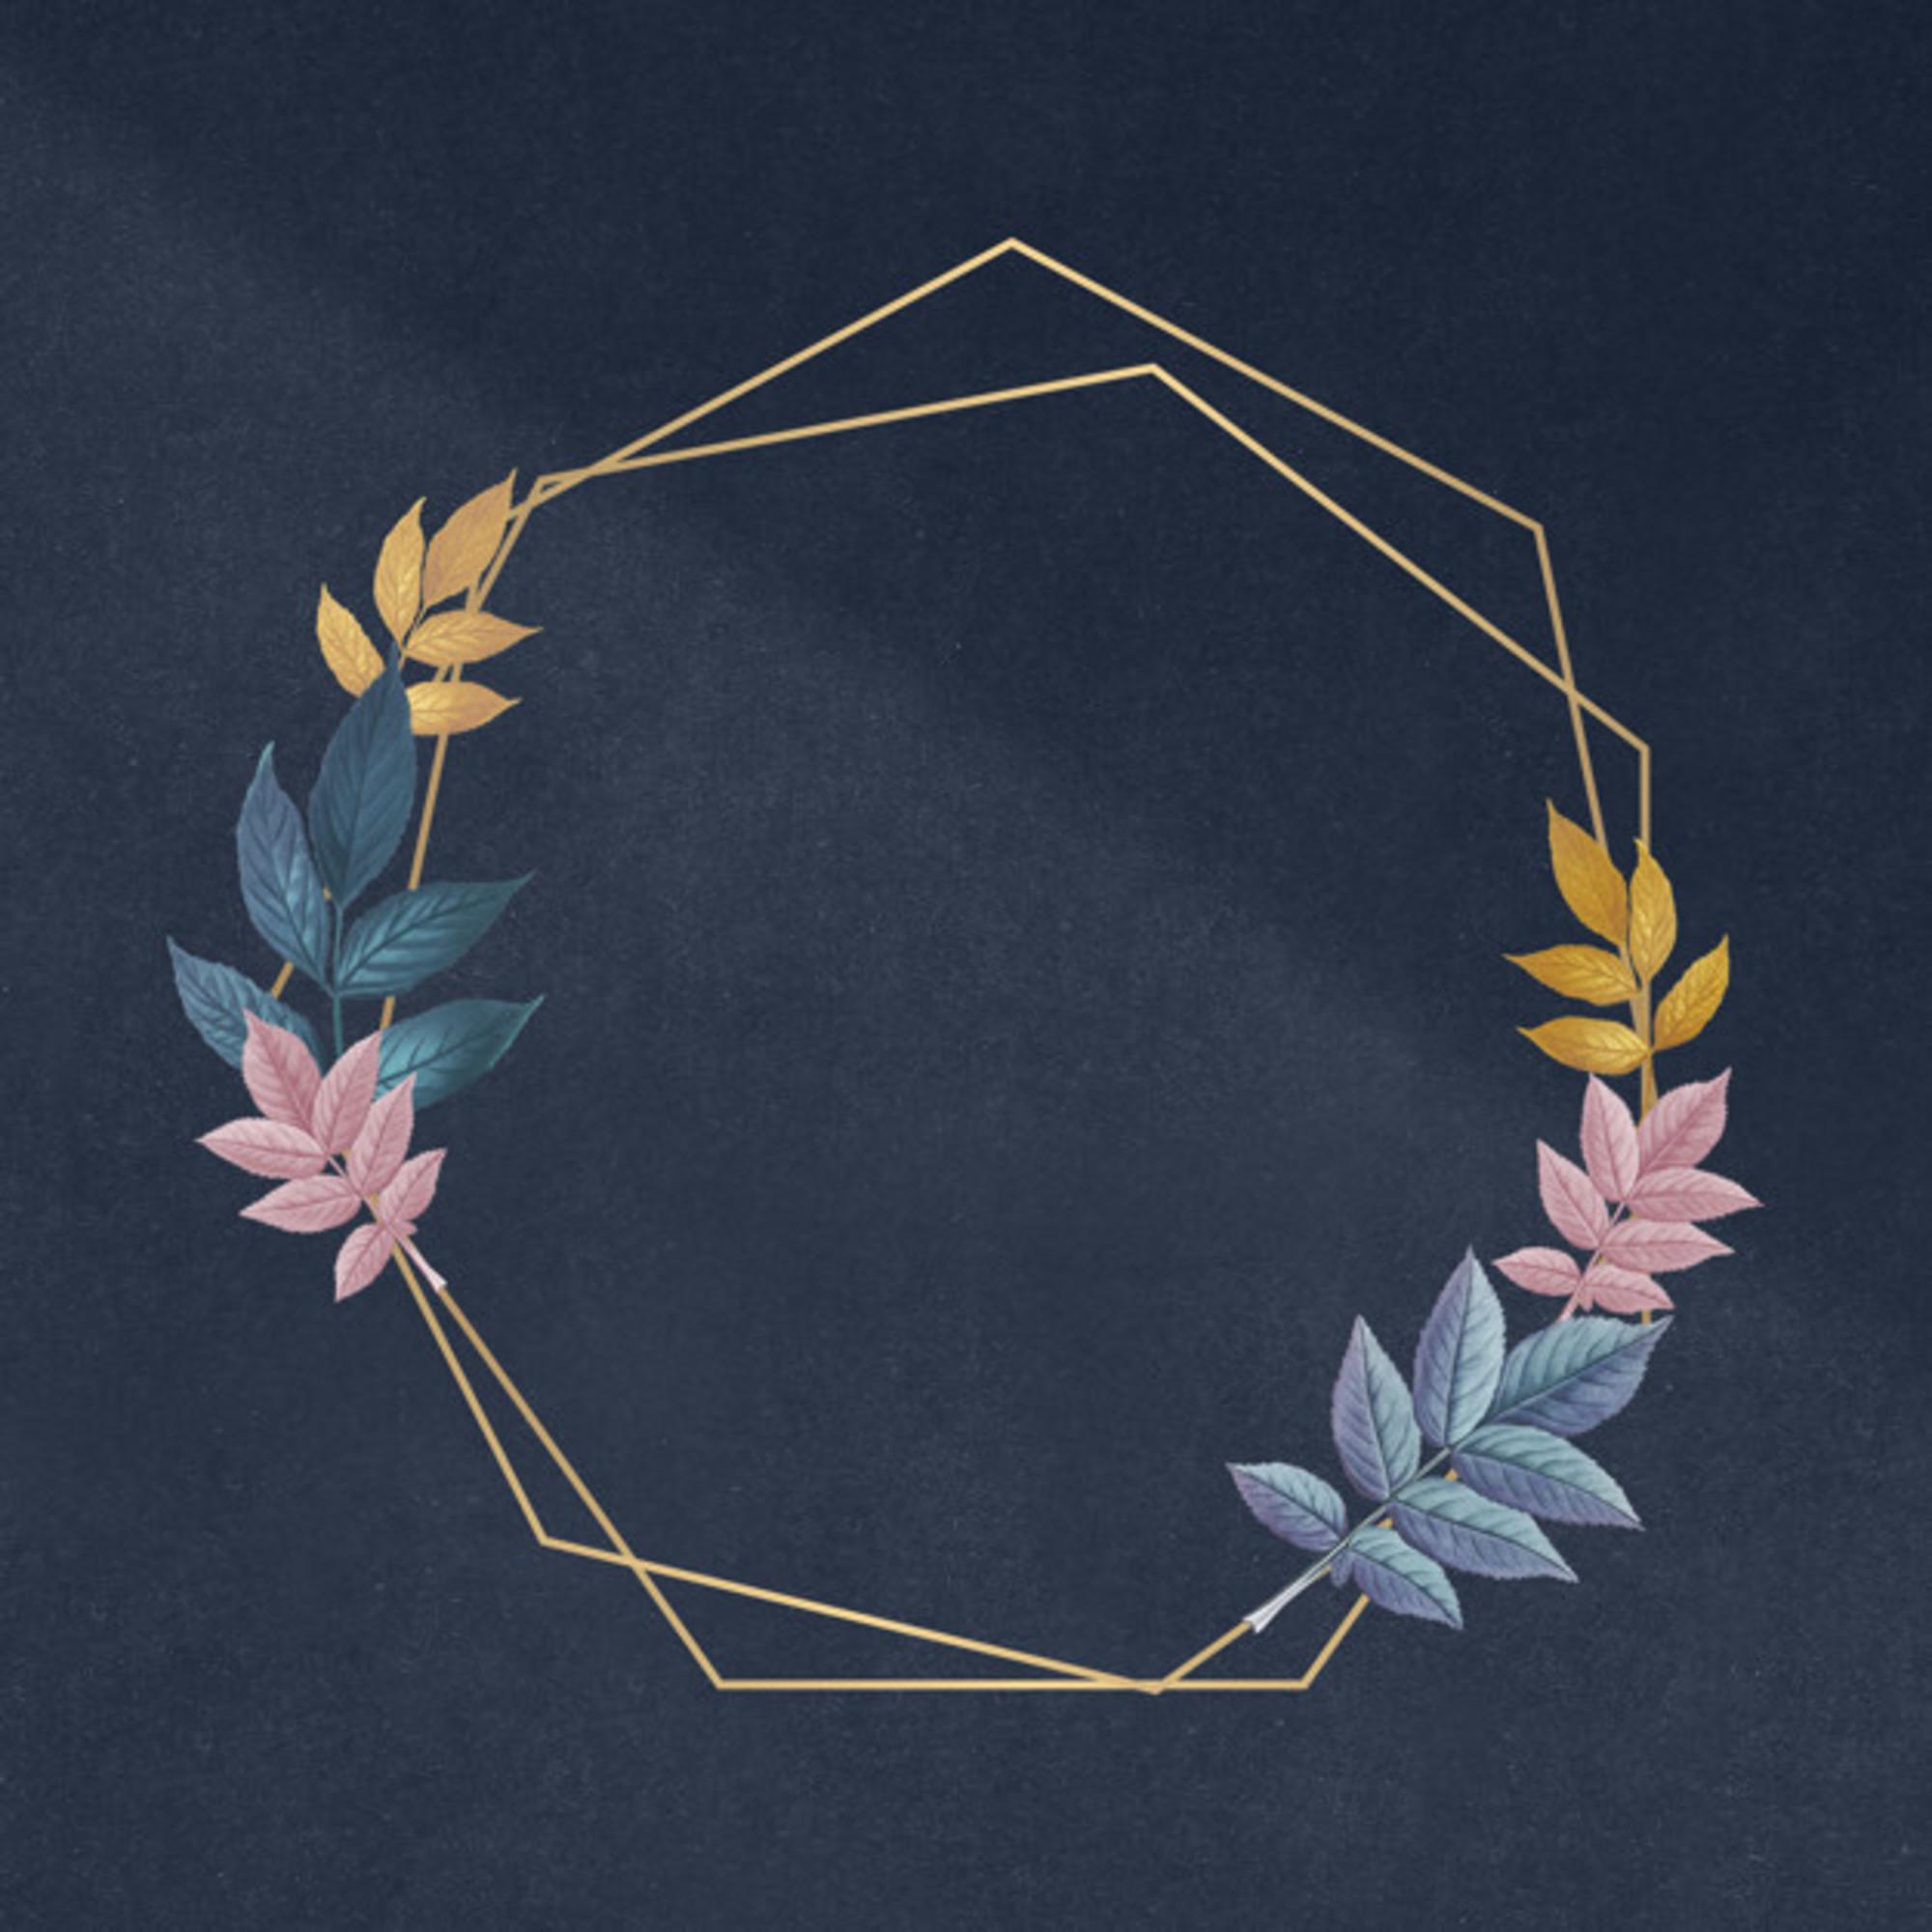 I will create awsome custom logo design, boutique logo designs for your precious brands.